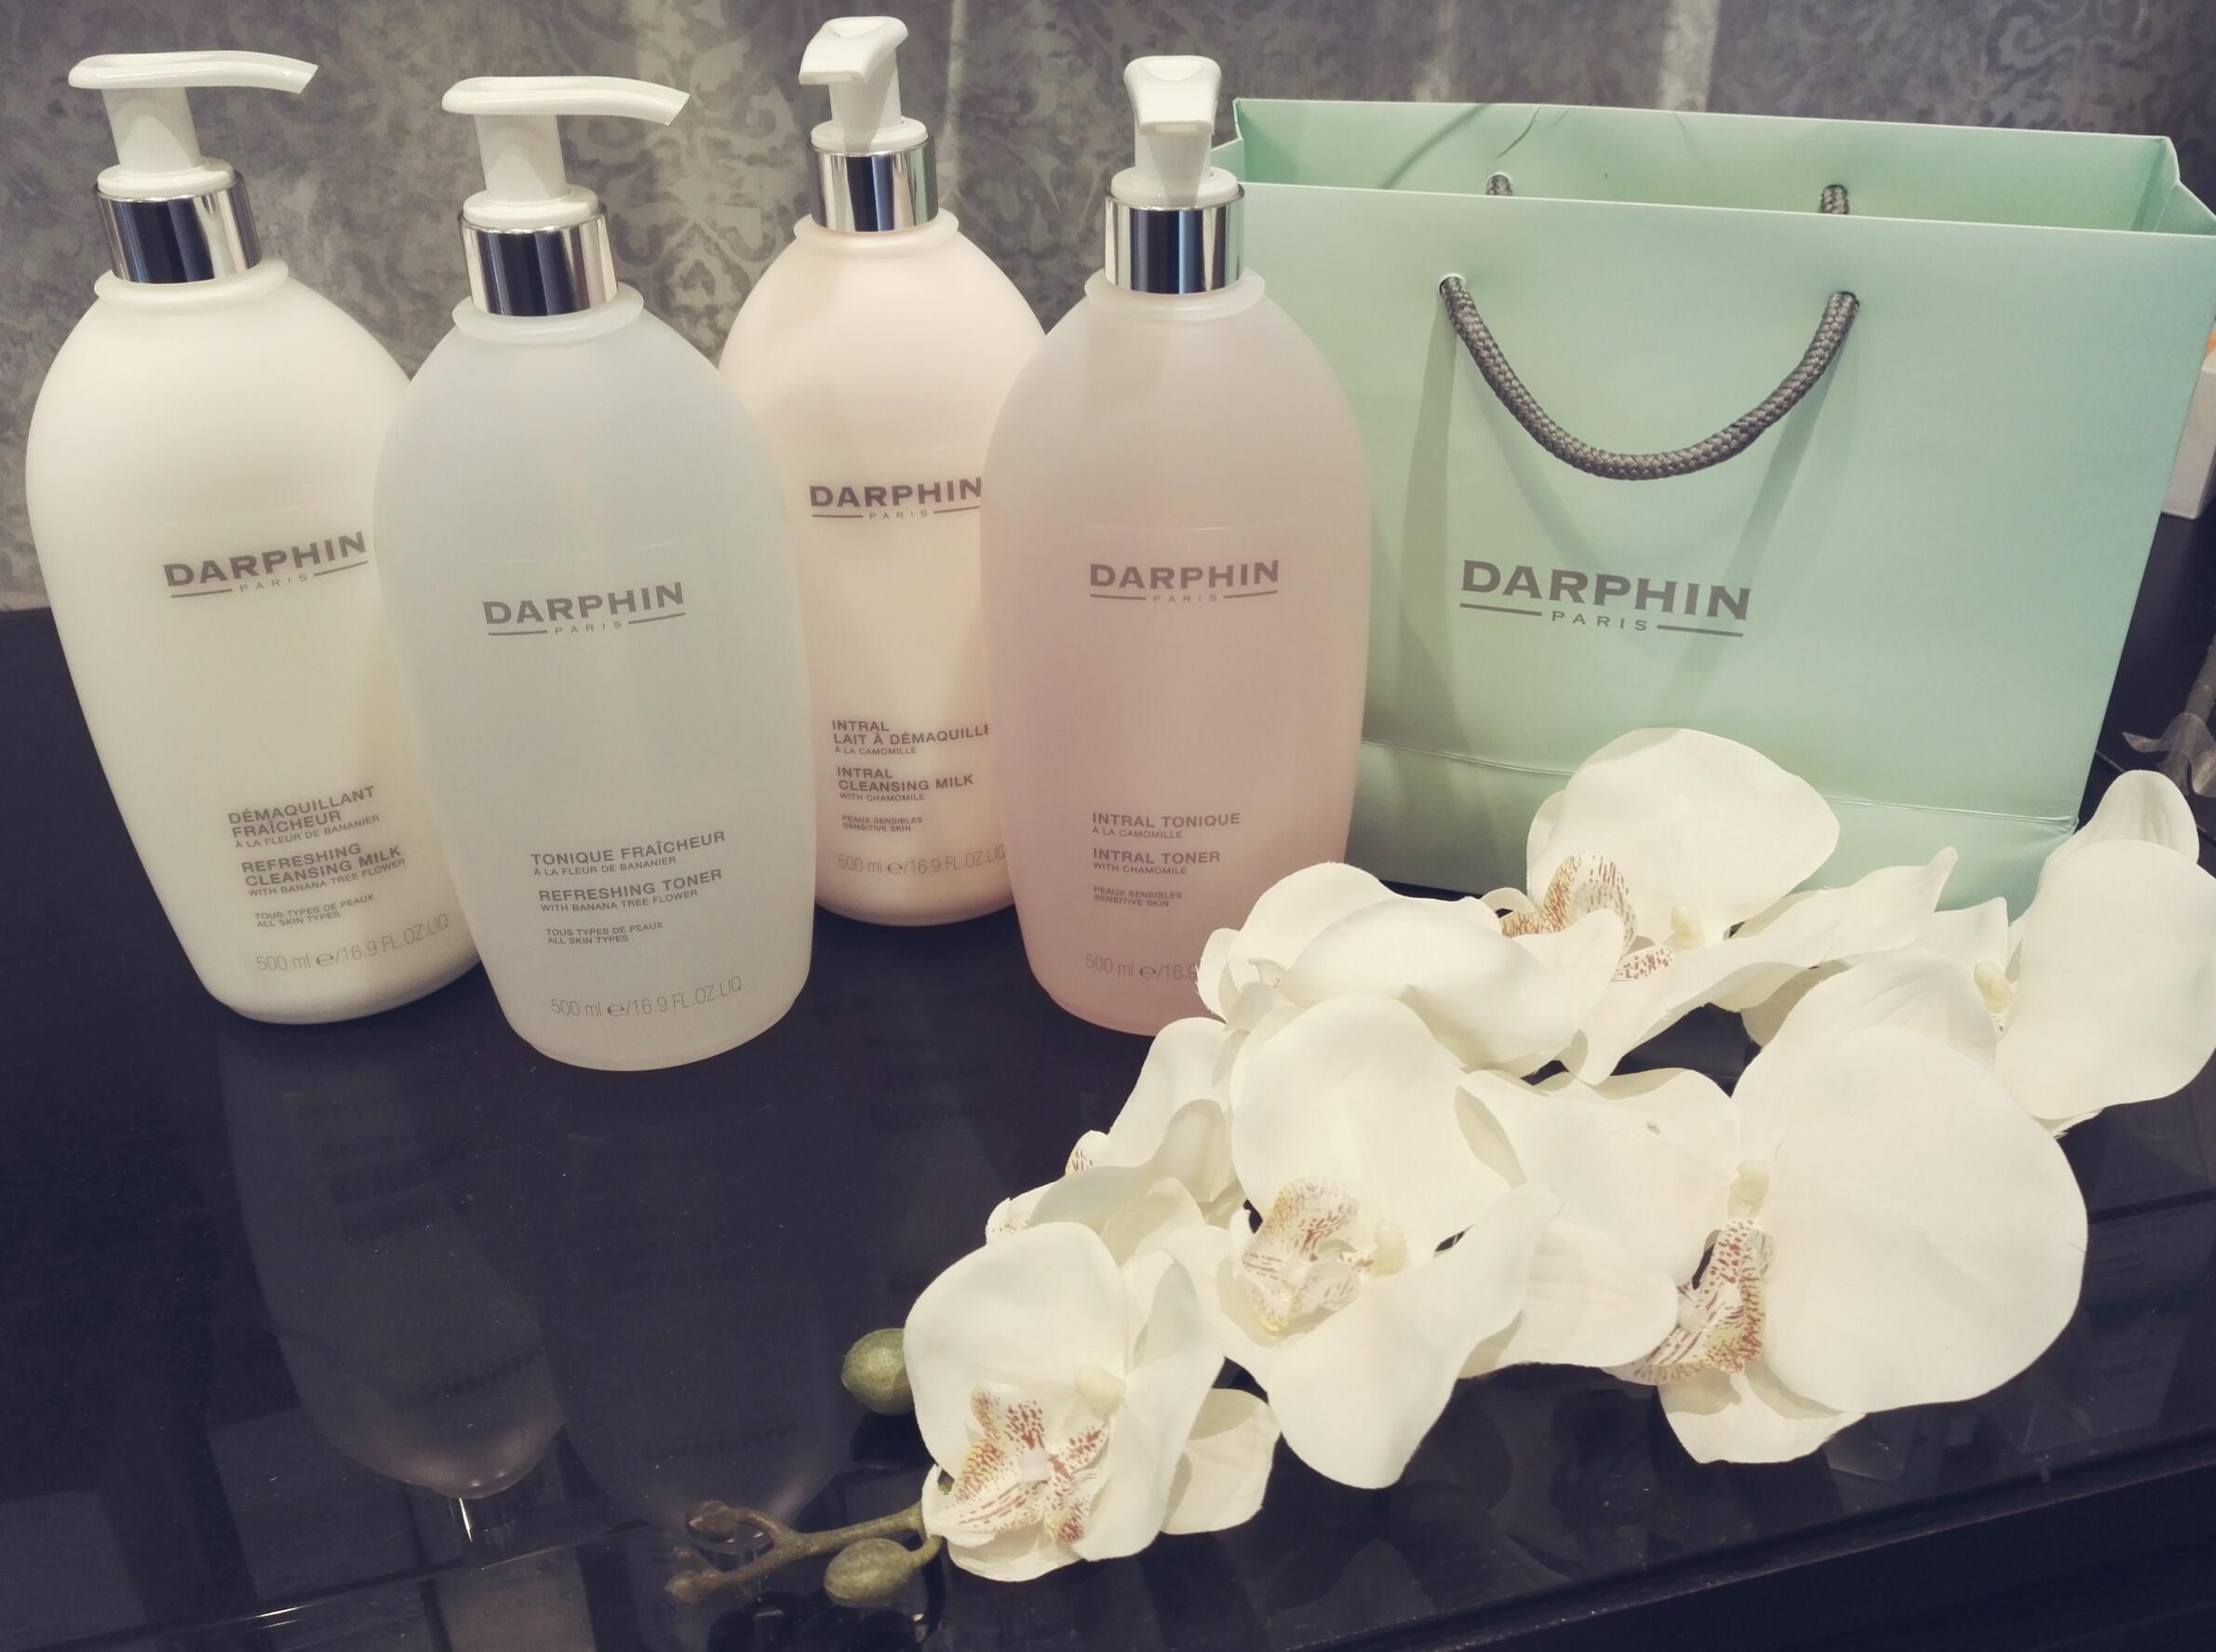 Darphin kampanjakokoiset tuotteet